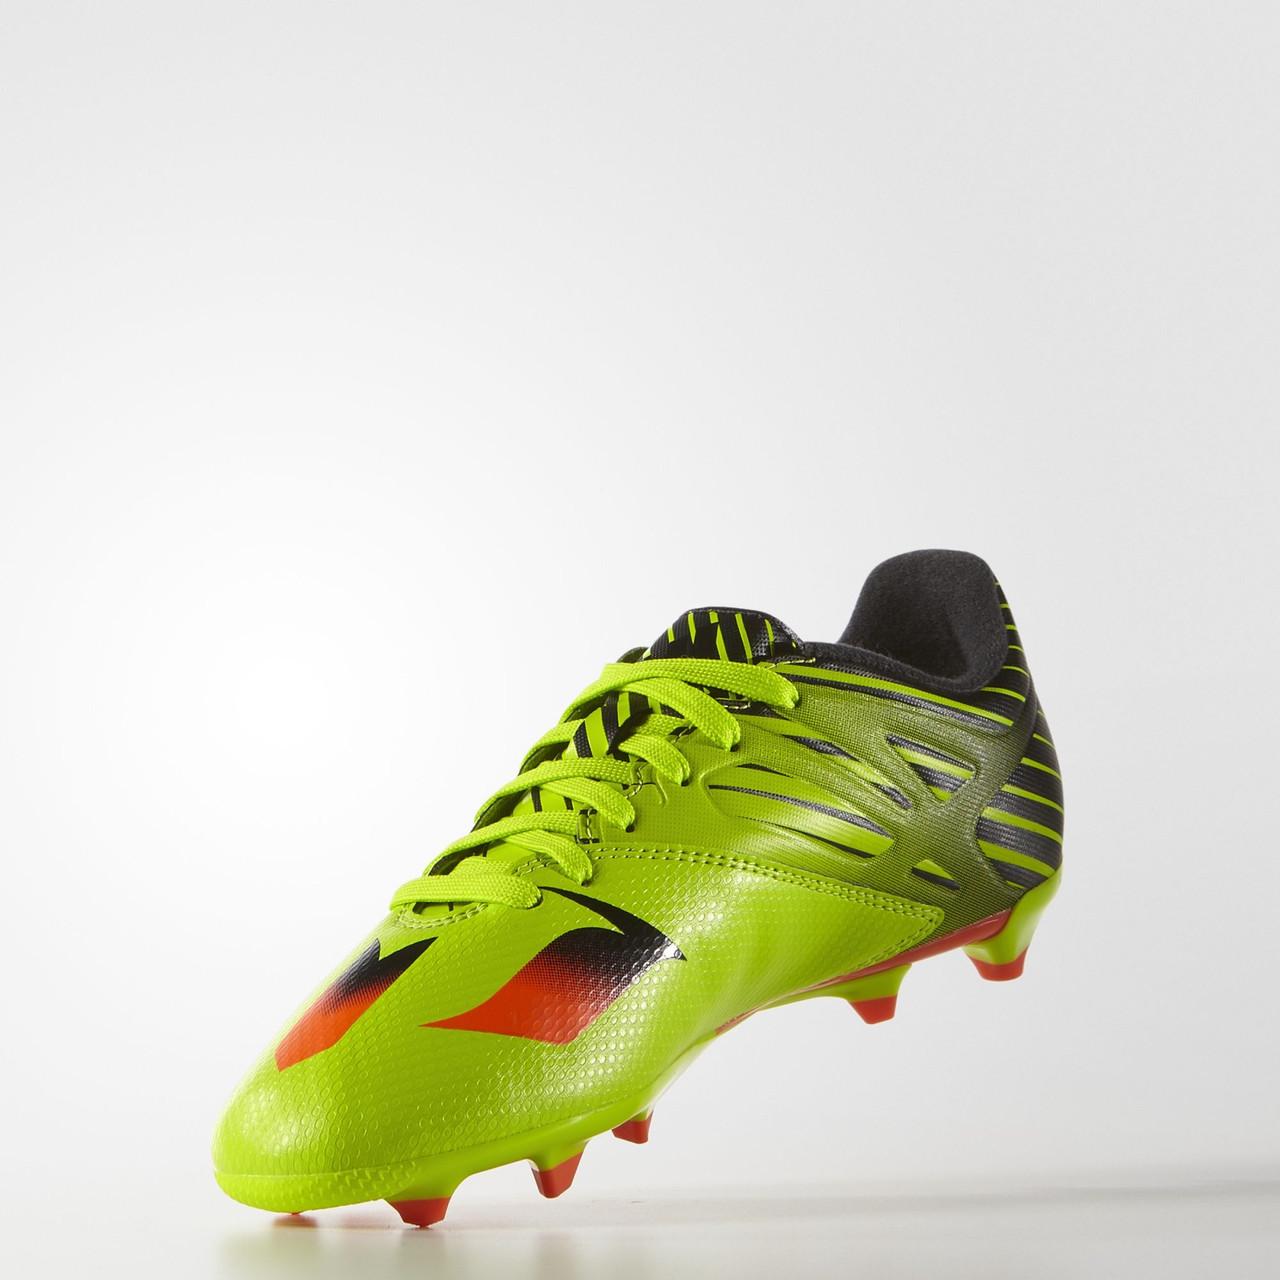 6b1b26e1af26 Купить Детские футбольные бутсы Adidas MESSI 15.3 J (Артикул  S74695 ...